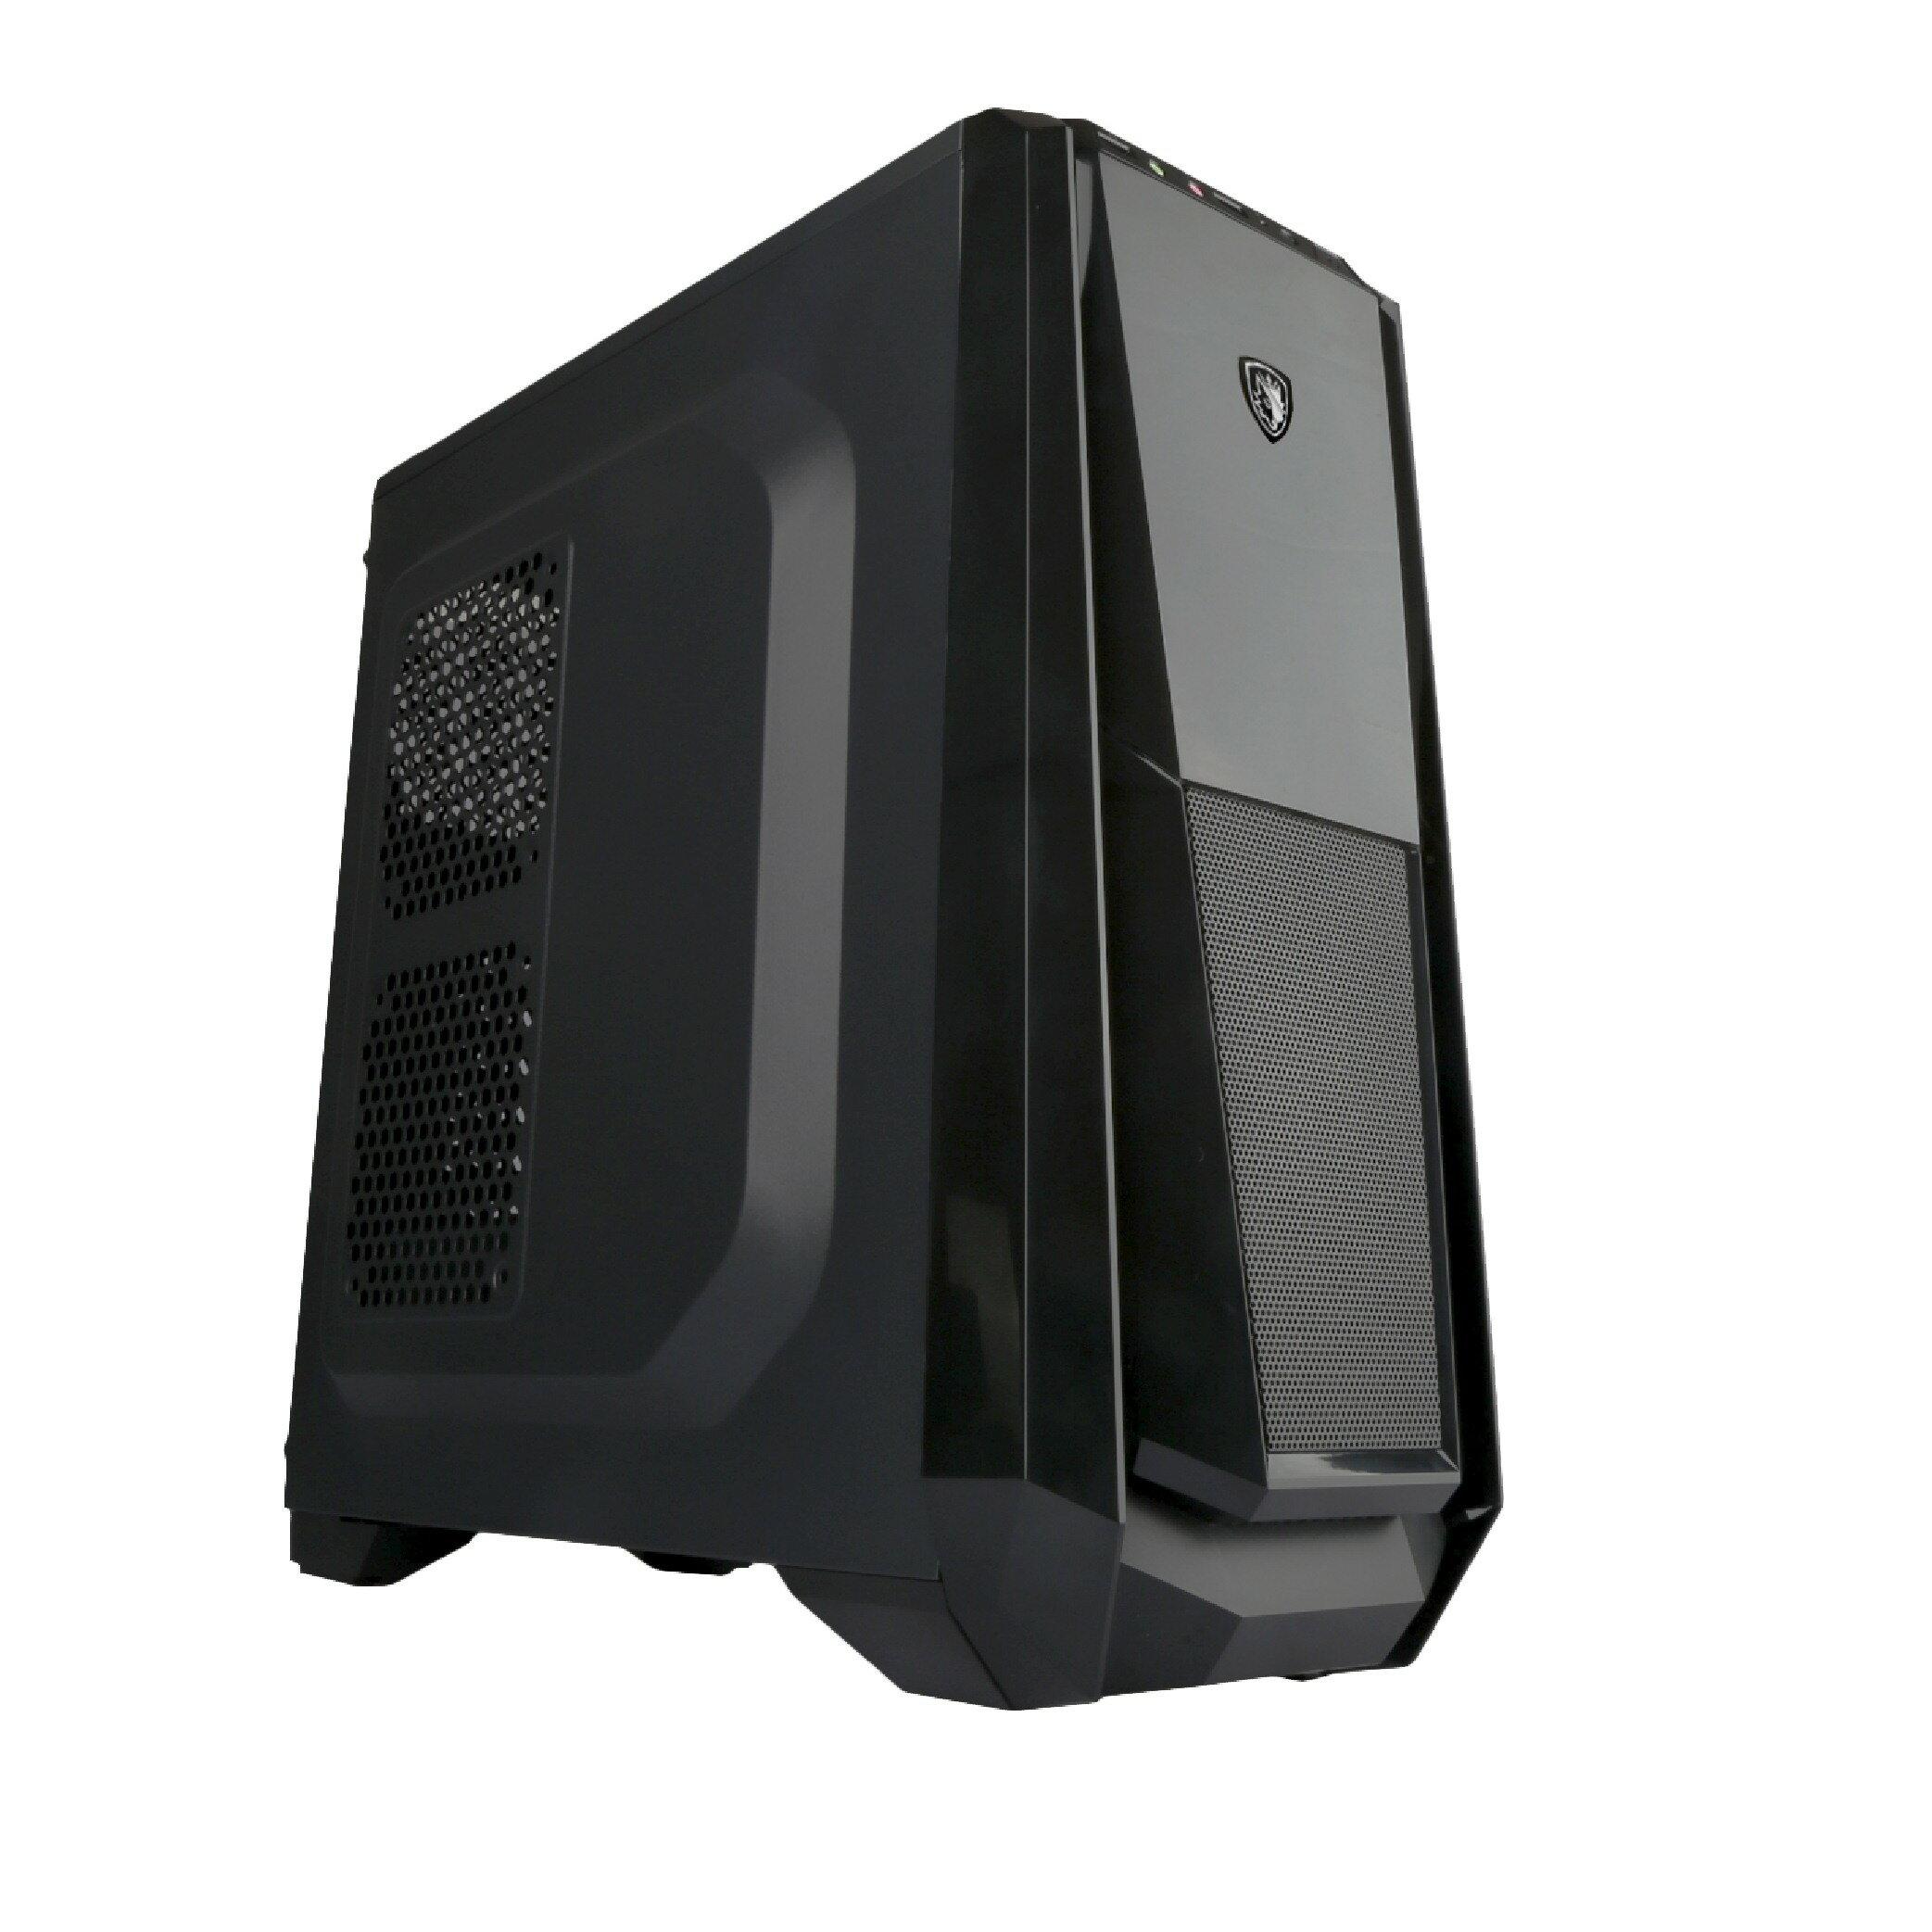 【迪特軍3C】立光代理 SADES 賽德斯【黑月】電腦機殼 機箱 另有 荷魯斯 巴風特 阿努比斯 圖坦卡門 狼王